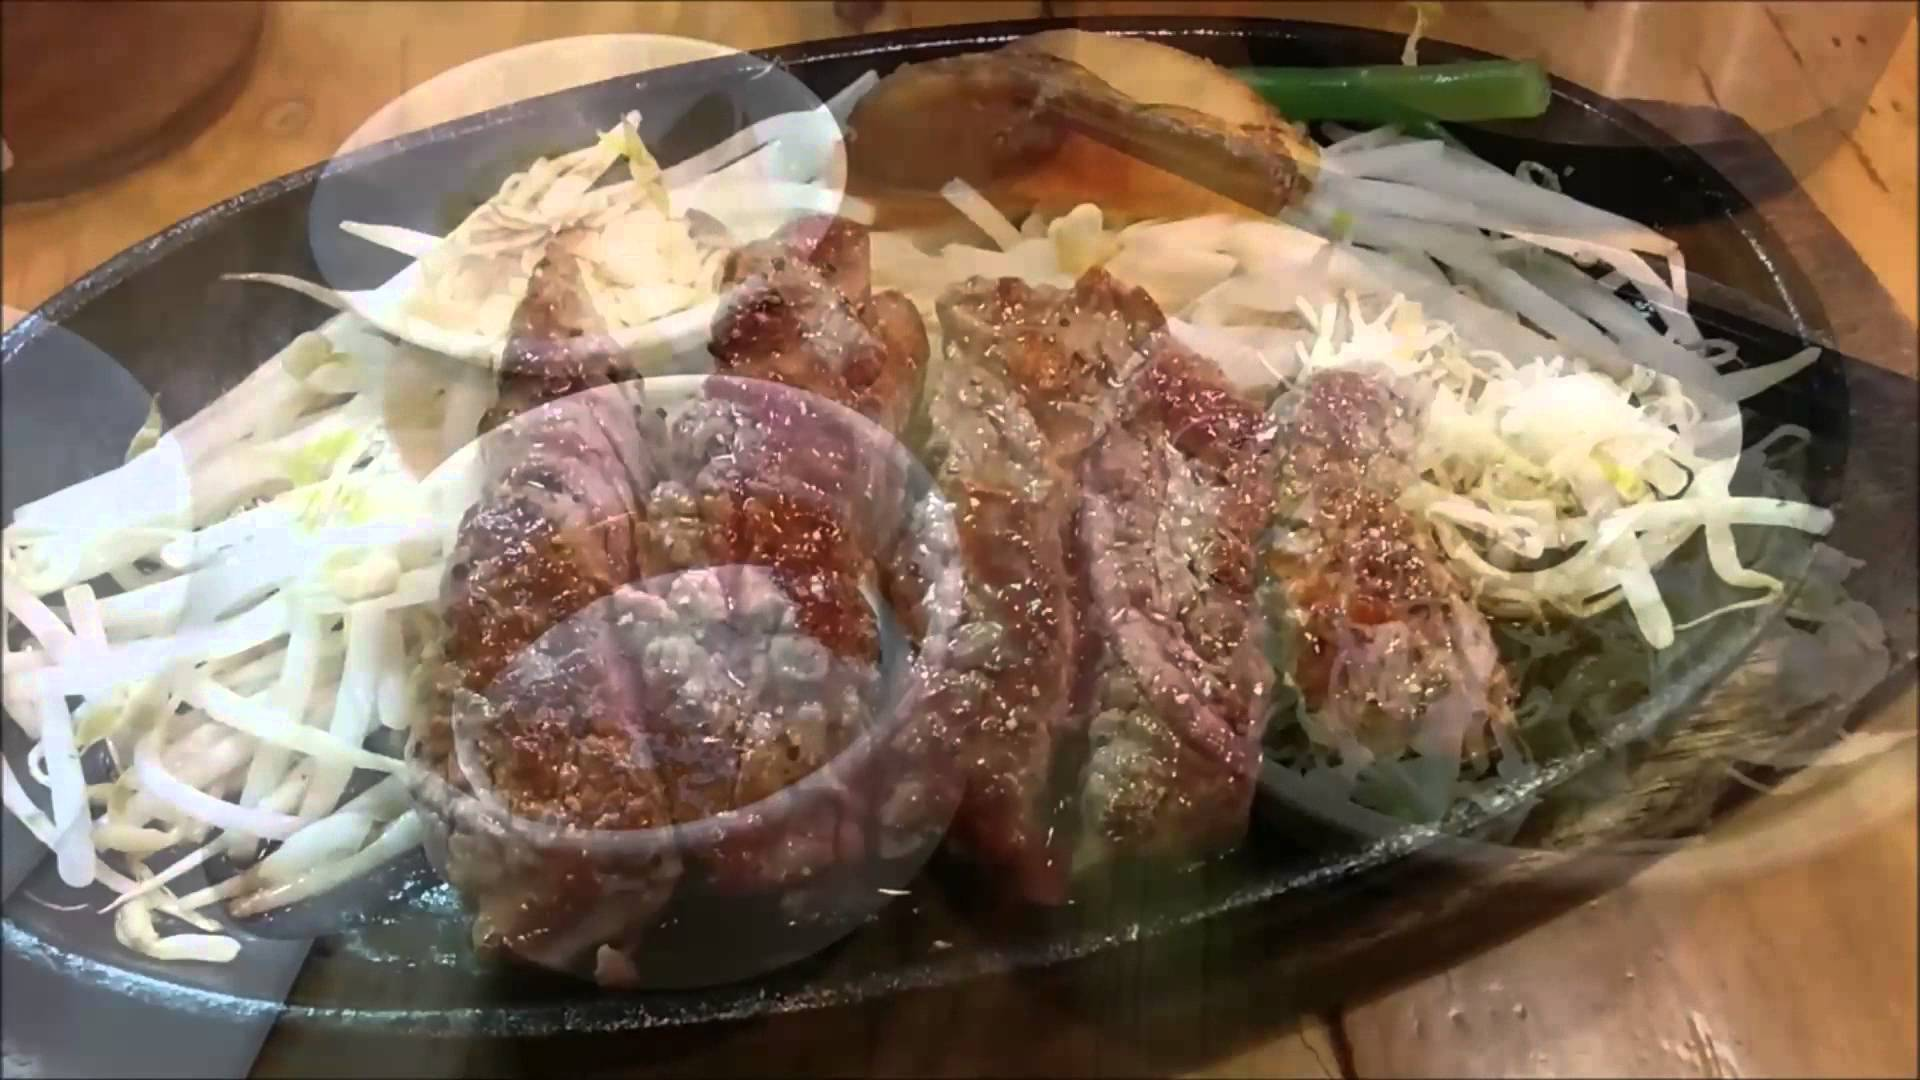 29(肉)の日 何故ステーキを半額で提供するのか?